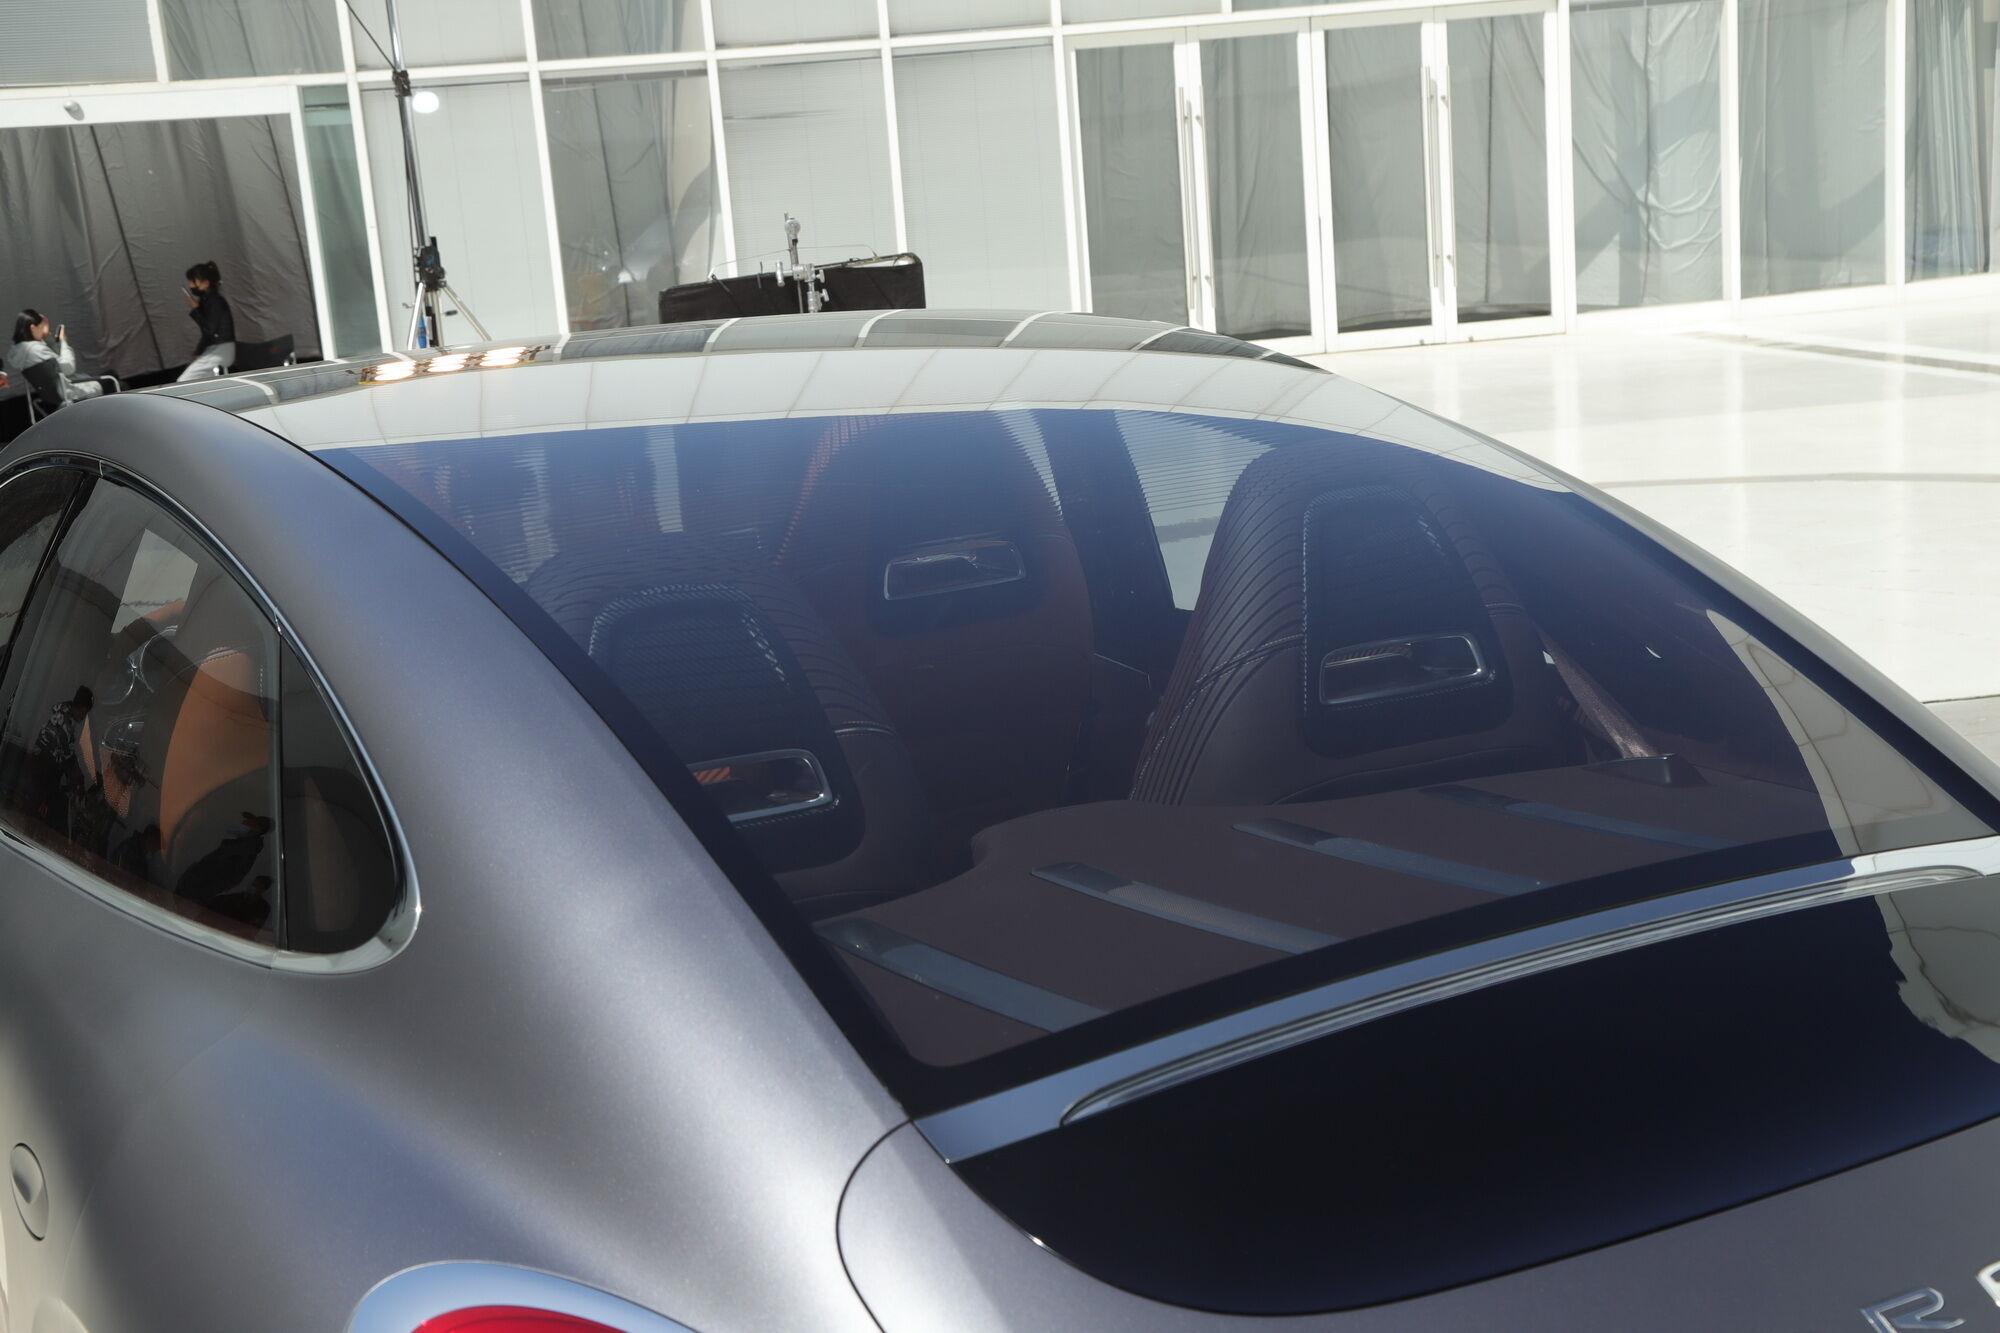 Большое панорамное стекло переходит в крышку багажника